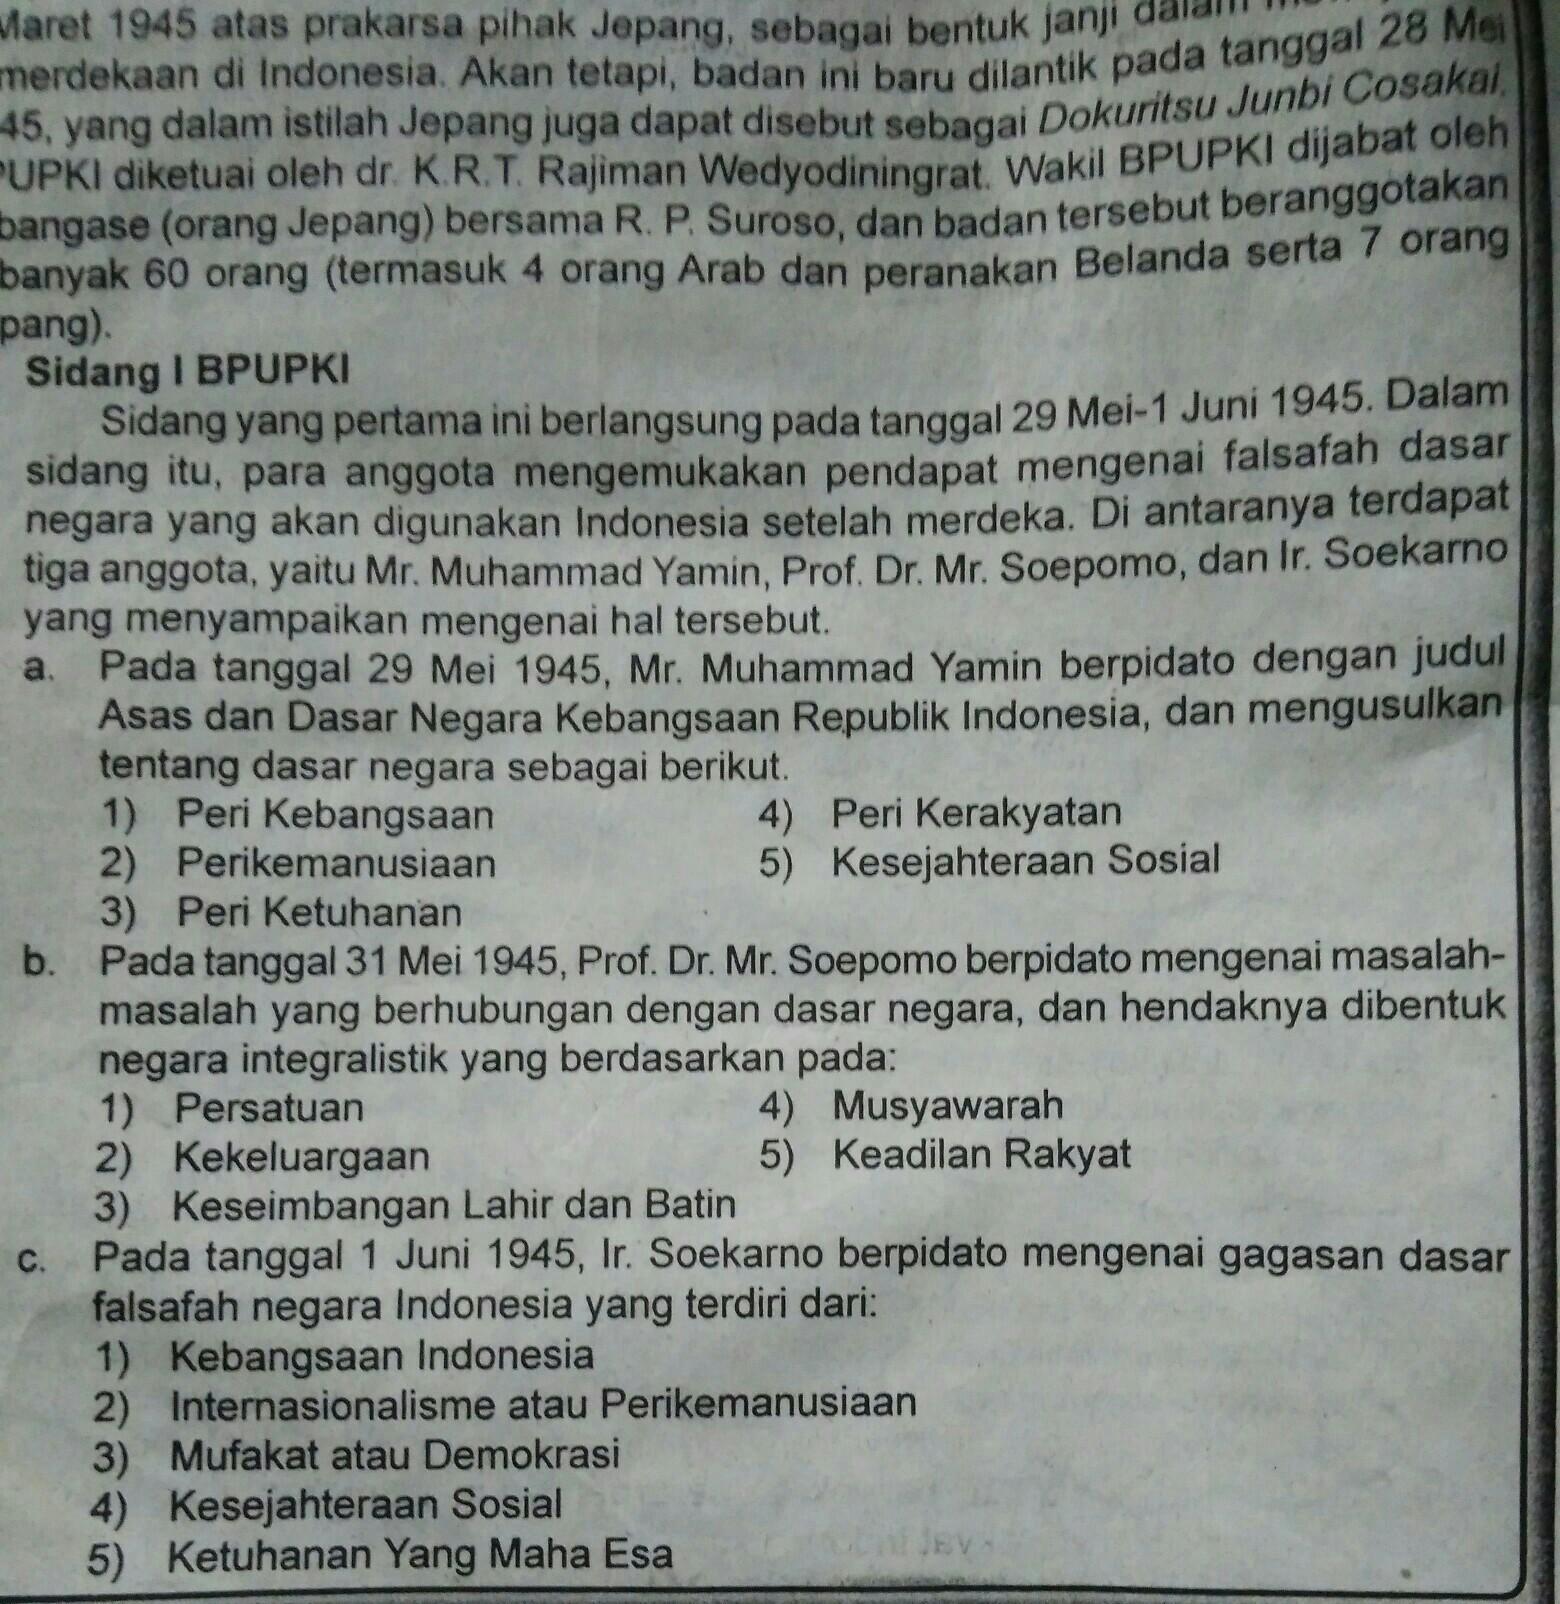 Tokoh Perumus Undang Undang Dasar Negara Republik Indonesia Tahun